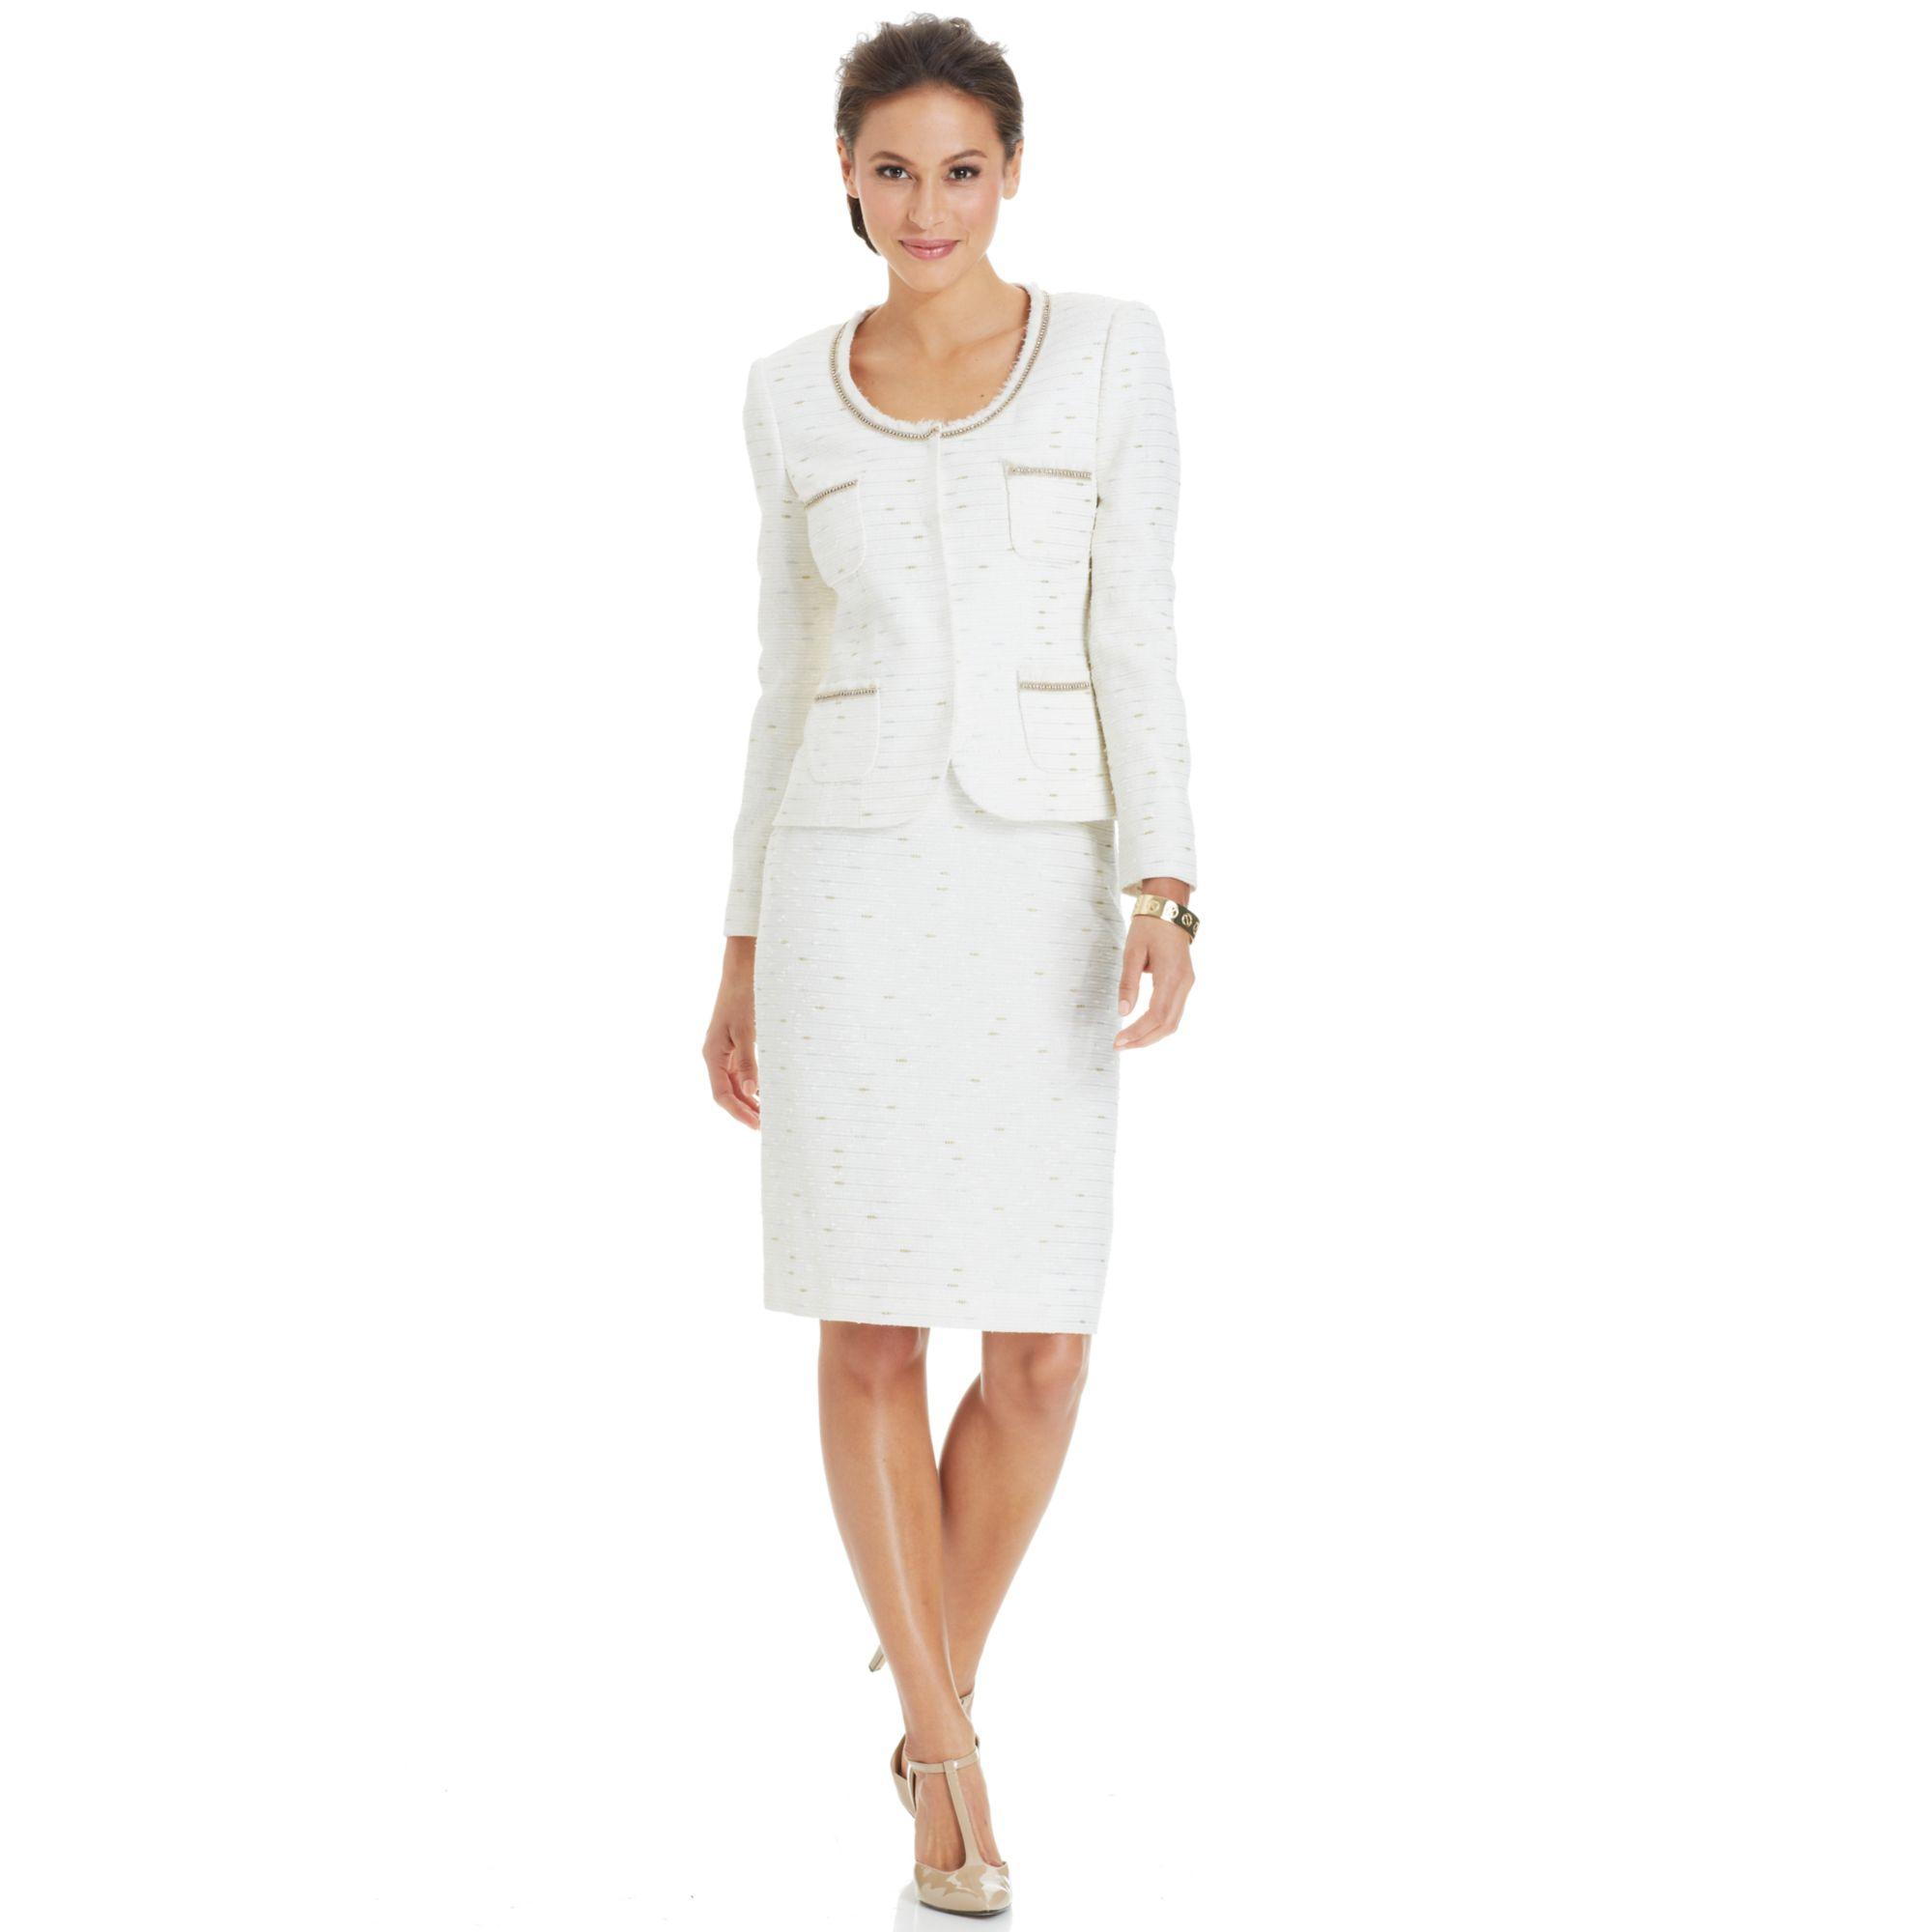 d67b9894d0b0 Tahari Collarless Metallictrim Skirt Suit in White - Lyst